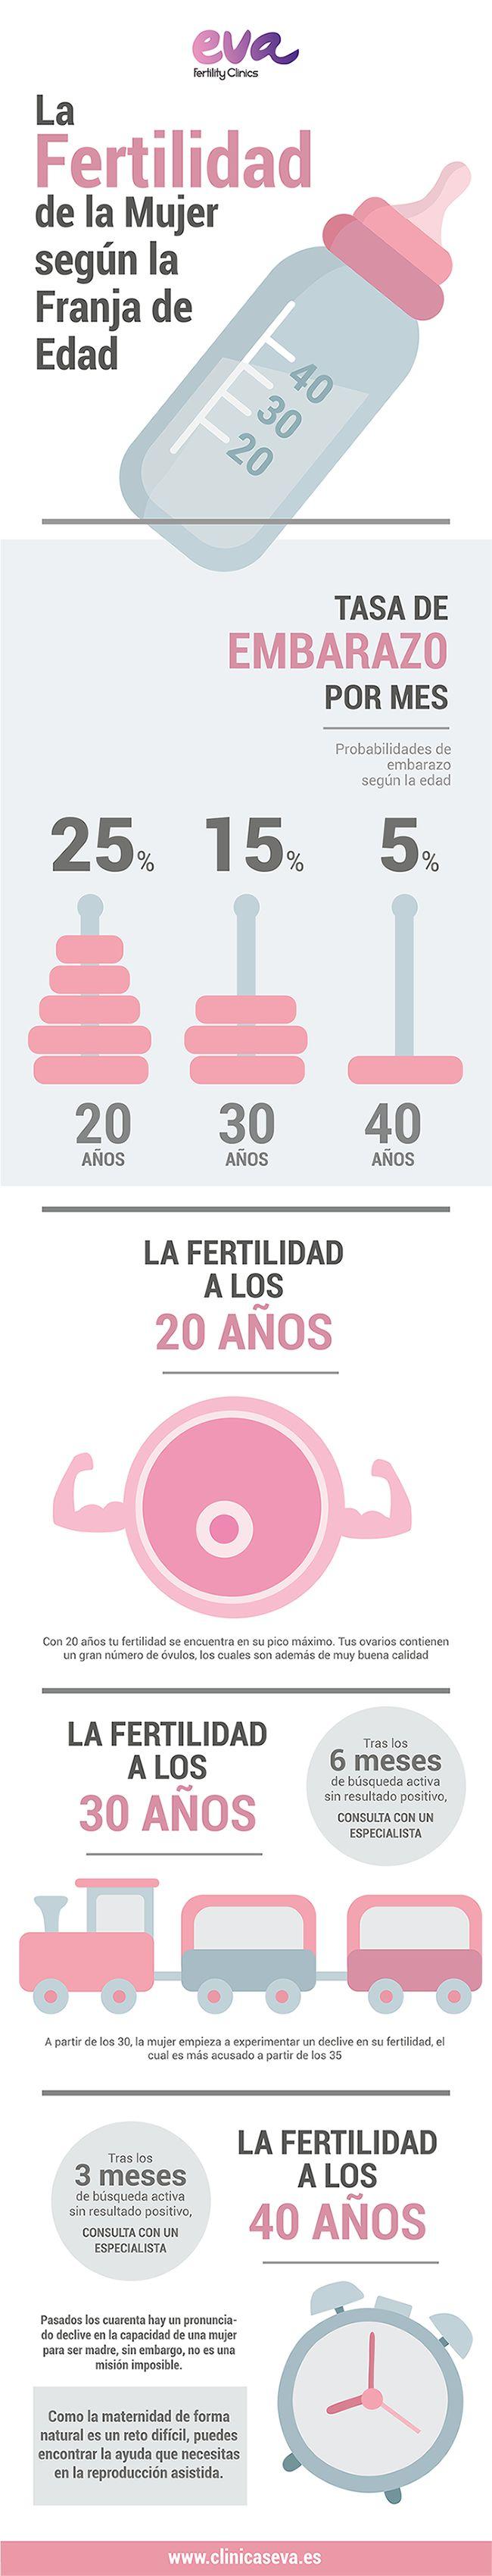 a fertilidad femenina está ligada a la edad. Con el paso de los años las posibilidades de concebir de forma natural se reducen, ¿En qué punto se encuentra tu fertilidad? #ClínicasEVA #Fertilidad